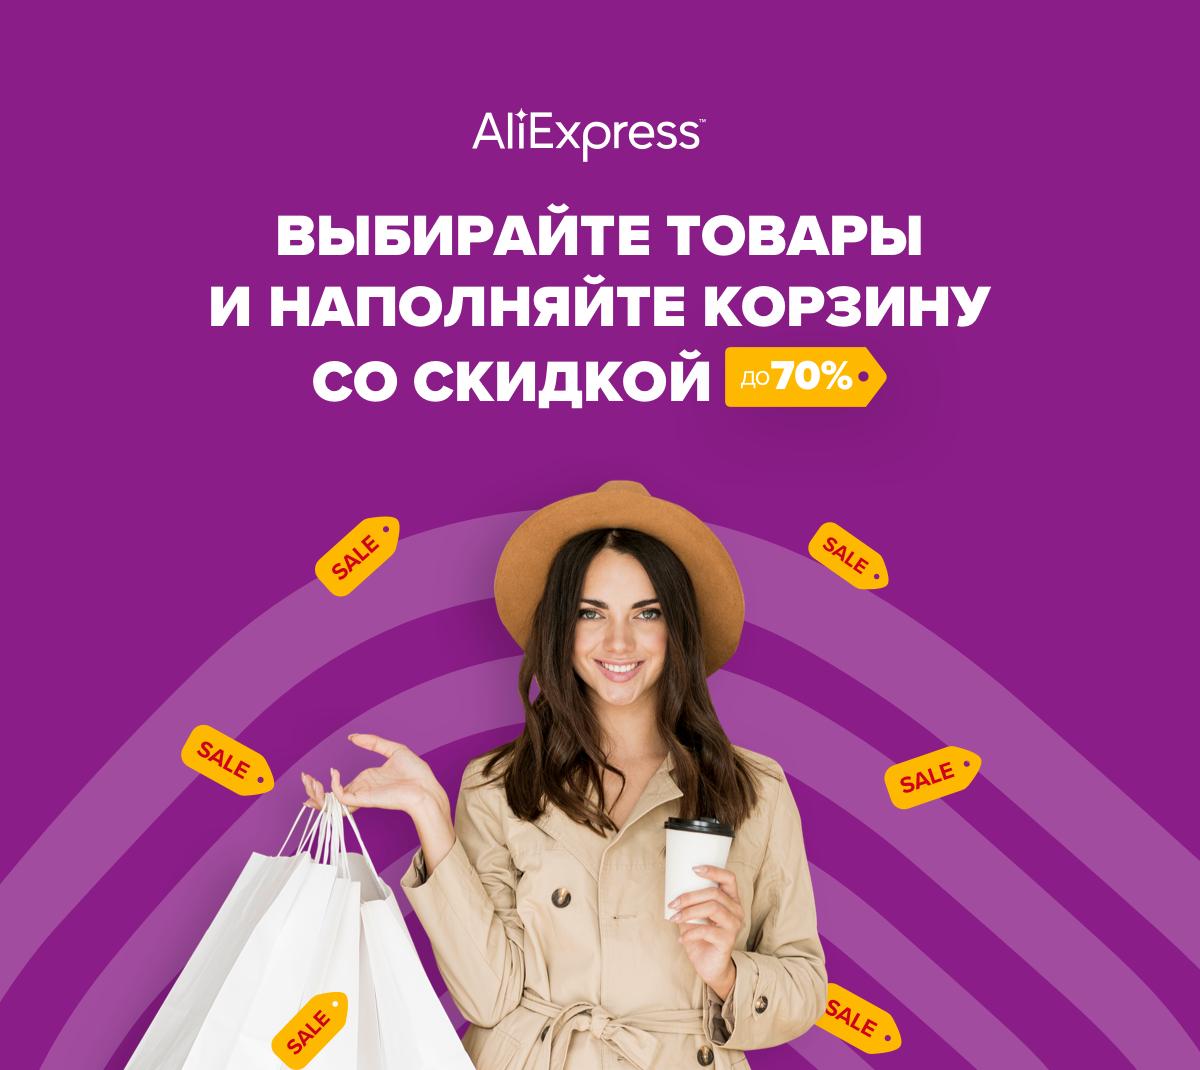 Предраспродажа AliExpress «Охота на тренды» началась! Вас ждут скидки до 70% на все категории товаров 😲  ⏱️ Период предраспродажи продлится до 21 сентября 09:59 (МСК)  Успей положить товары в корзину и купить с максимальной выгодой: https://t.co/QlQfyBiPSz 👈 https://t.co/jl19tzktcN